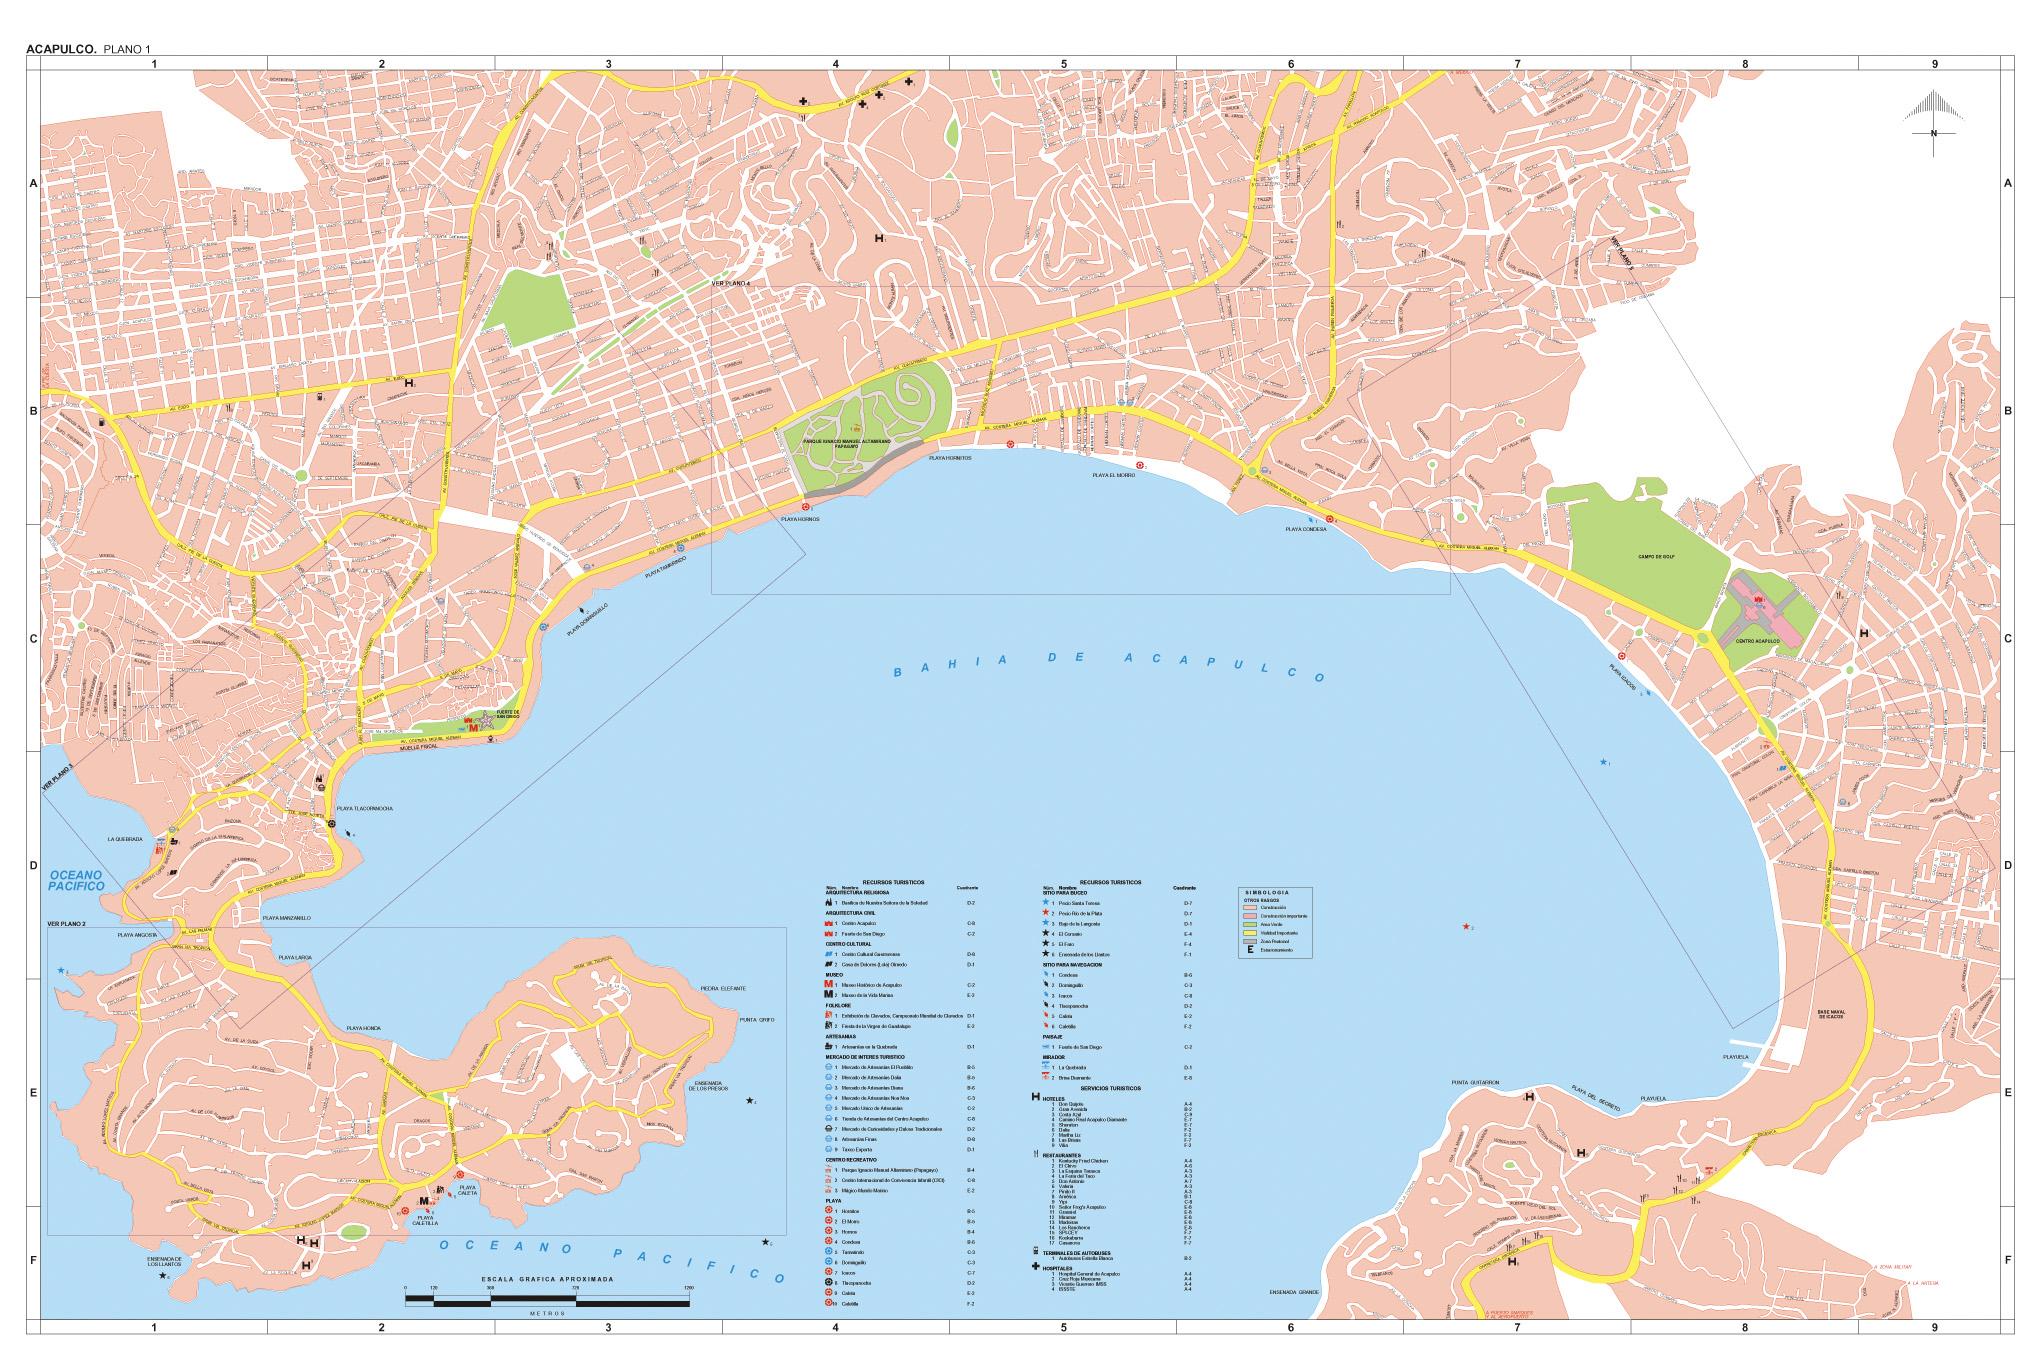 Mapa Acapulco, Guerrero, Mexico